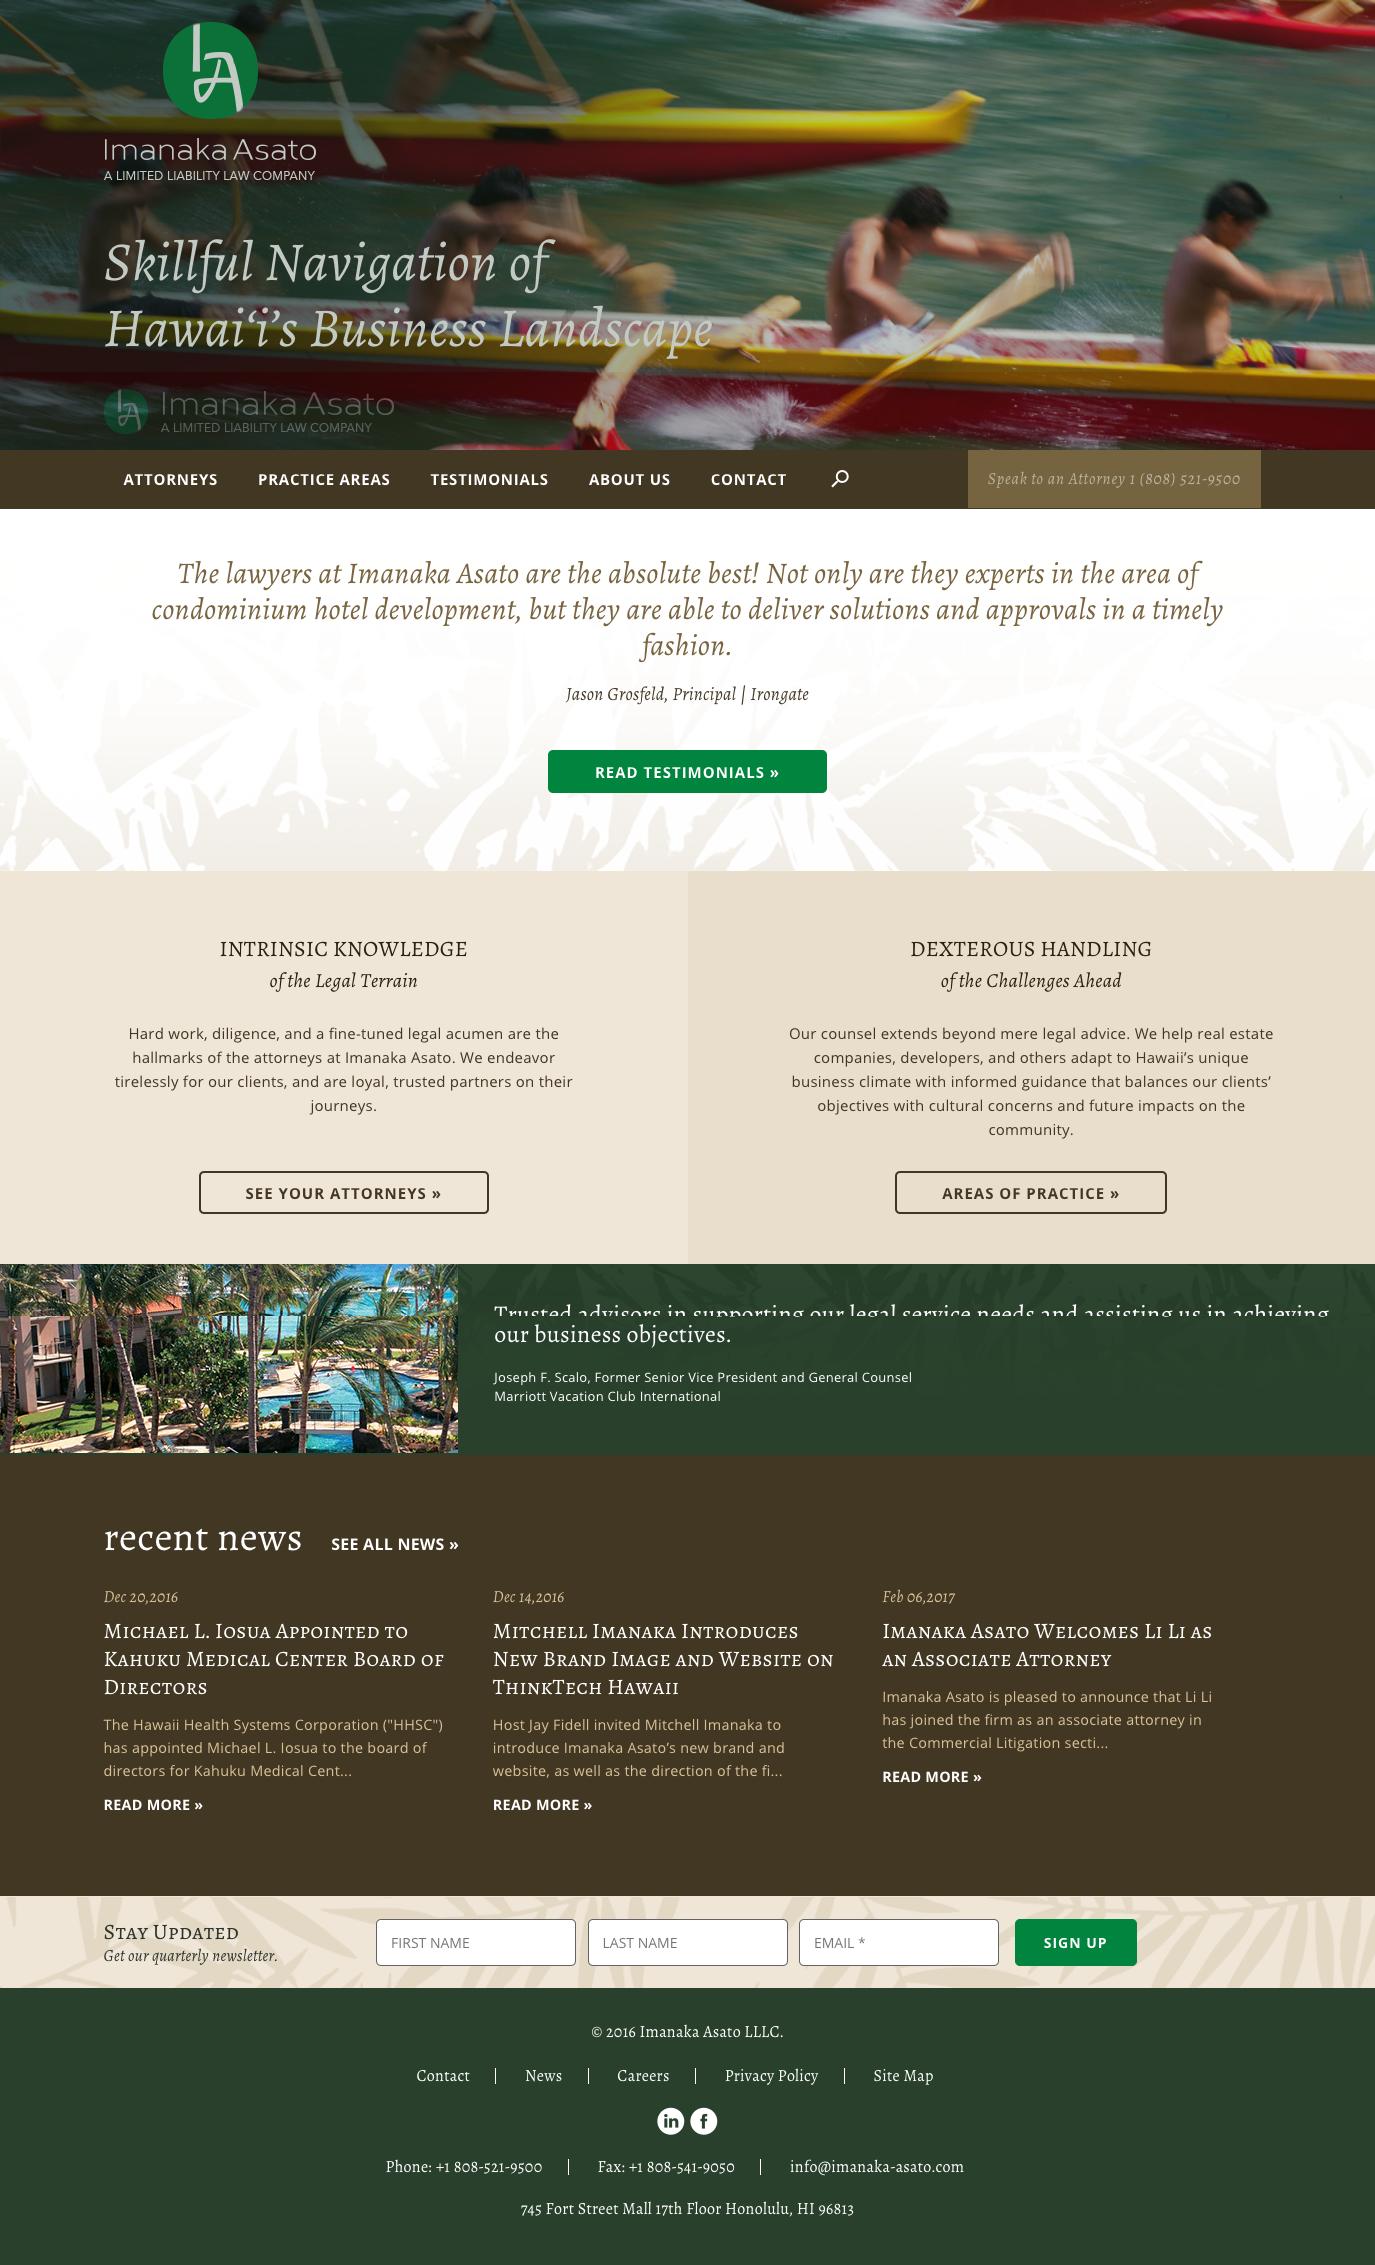 Imanaka Asato Homepage Design